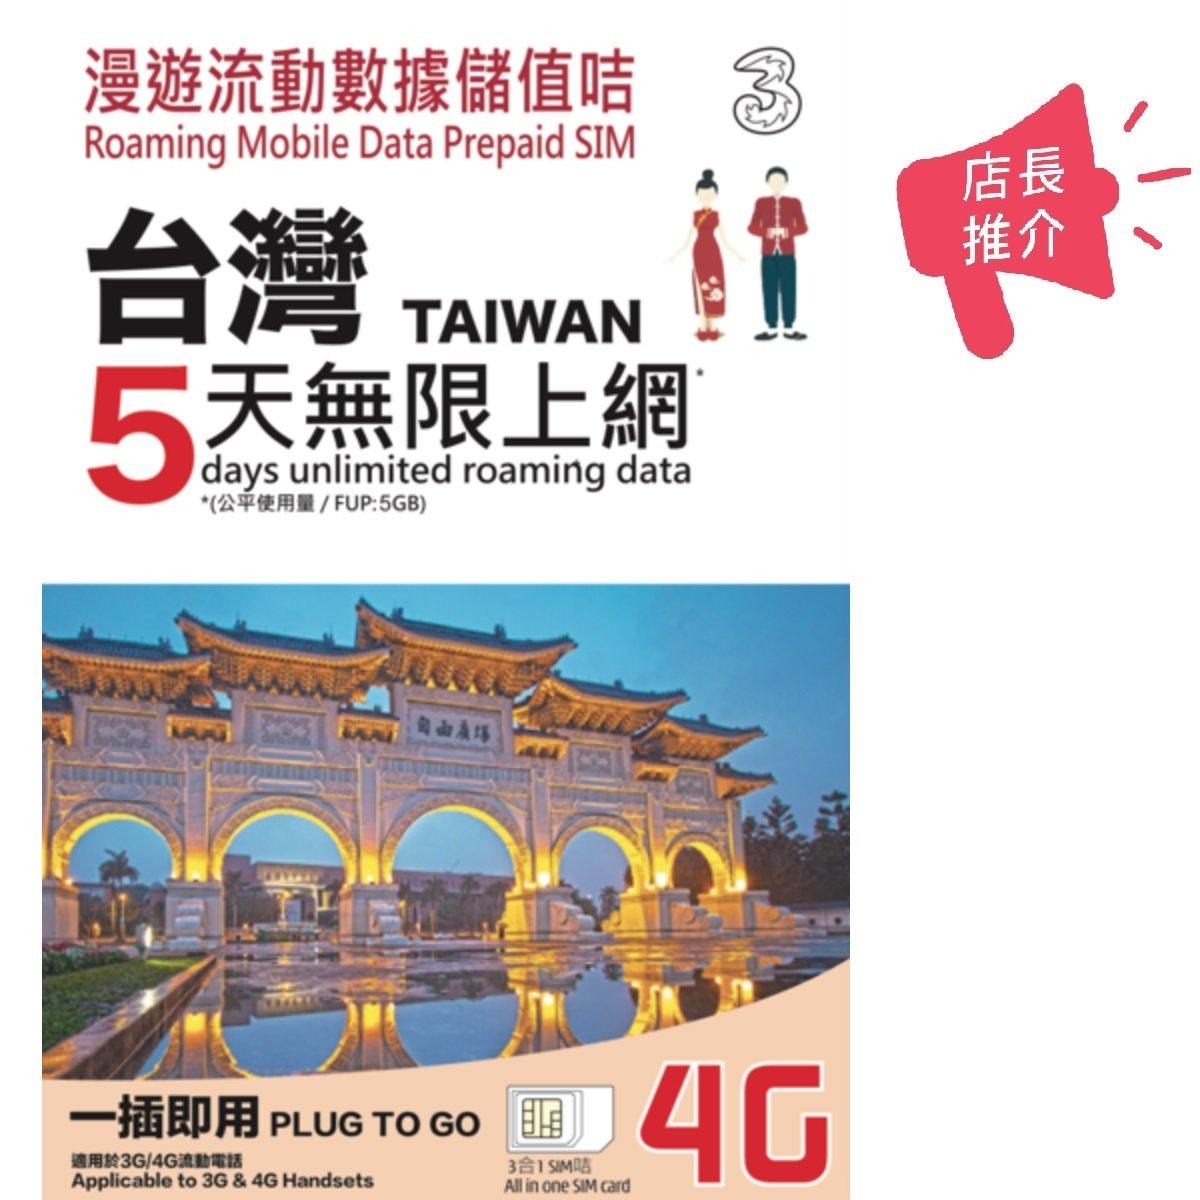 3HK 台灣5日真全速4G/3G無限上網卡數據卡Sim卡(遠傳網絡5GB高速數據) - 到期日:31/12/2020